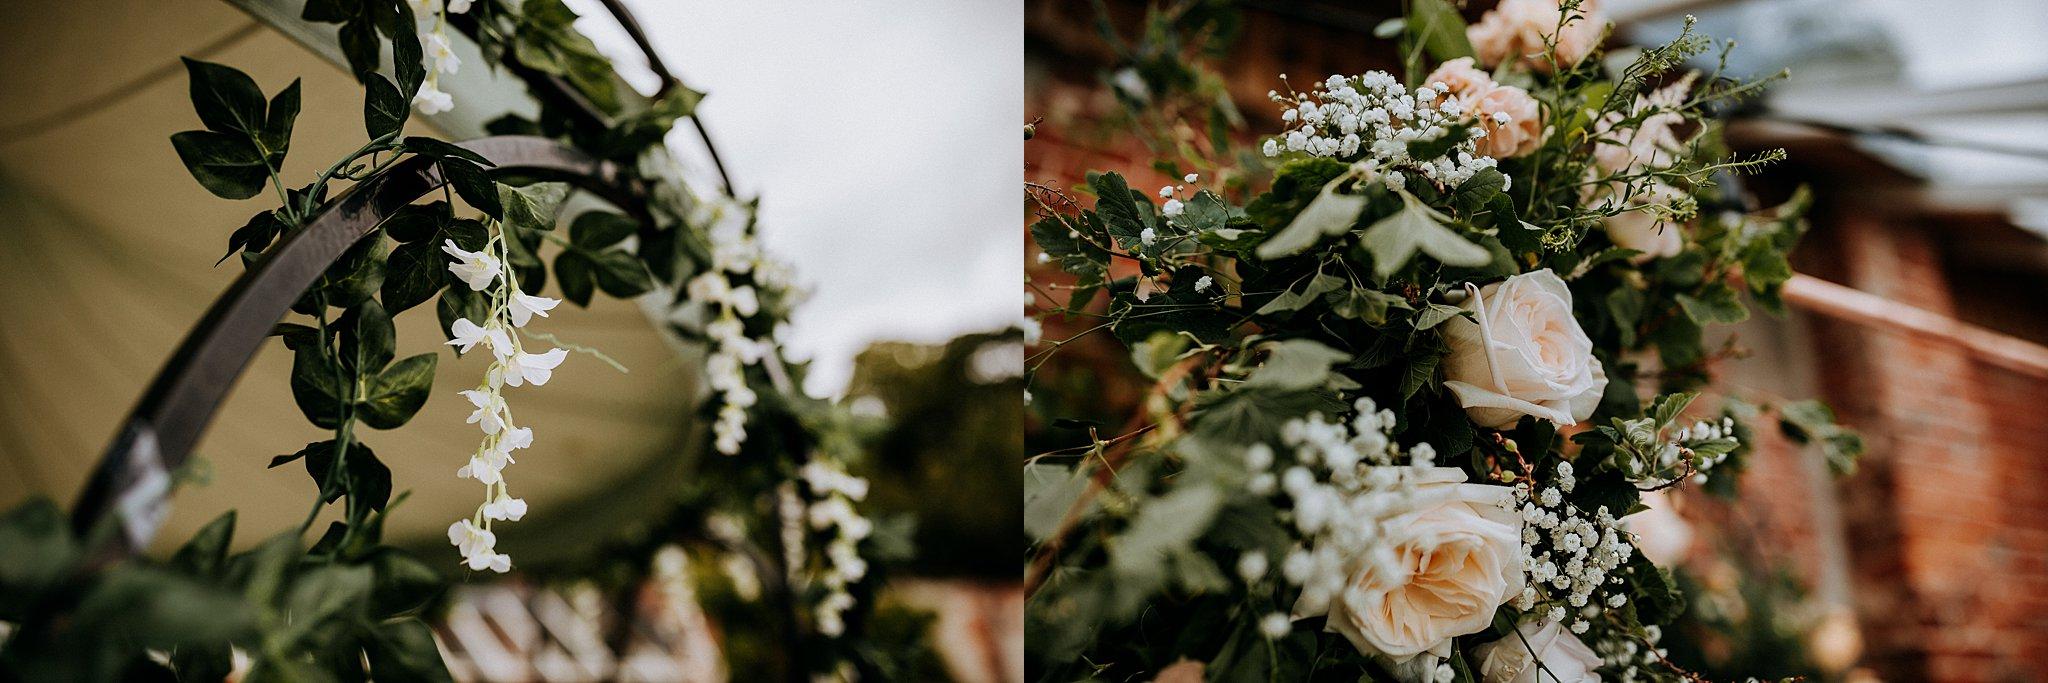 Candid Wedding Photographer The Walled Garden Beeston Fields